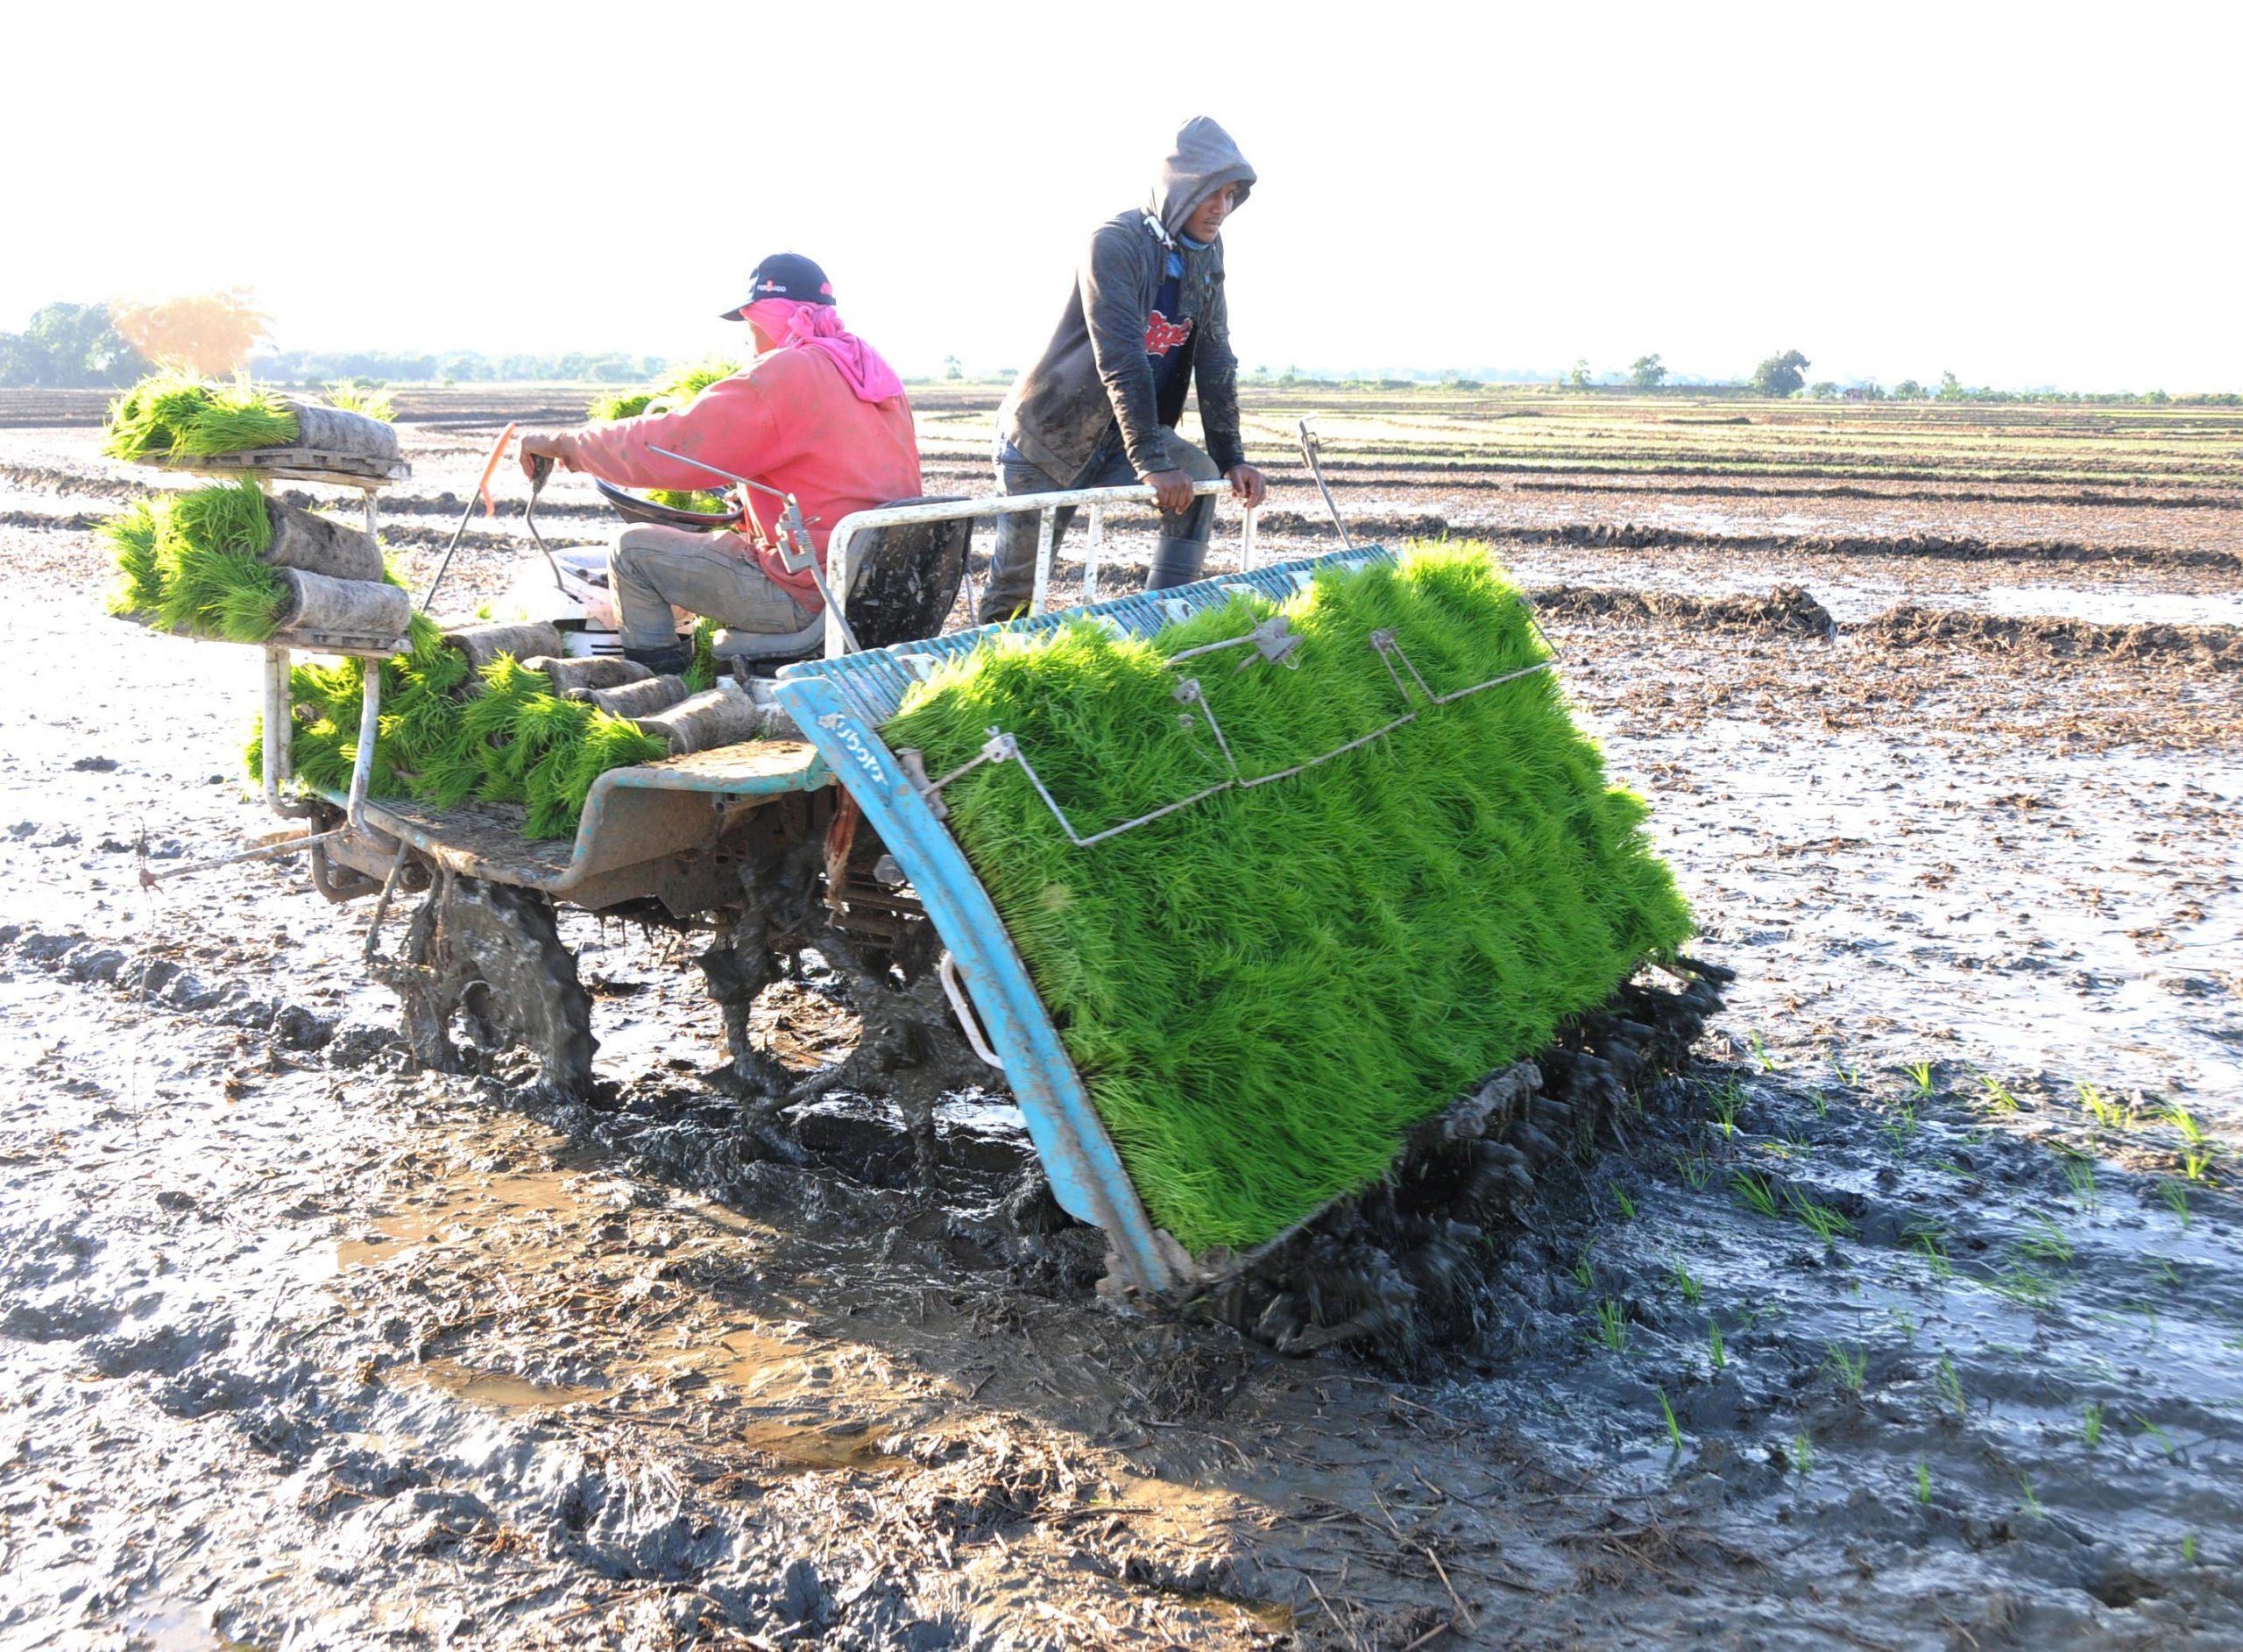 Expertos estiman que los efectos del cambio climático se sentirán con mucha fuerza en la producción agrícola.